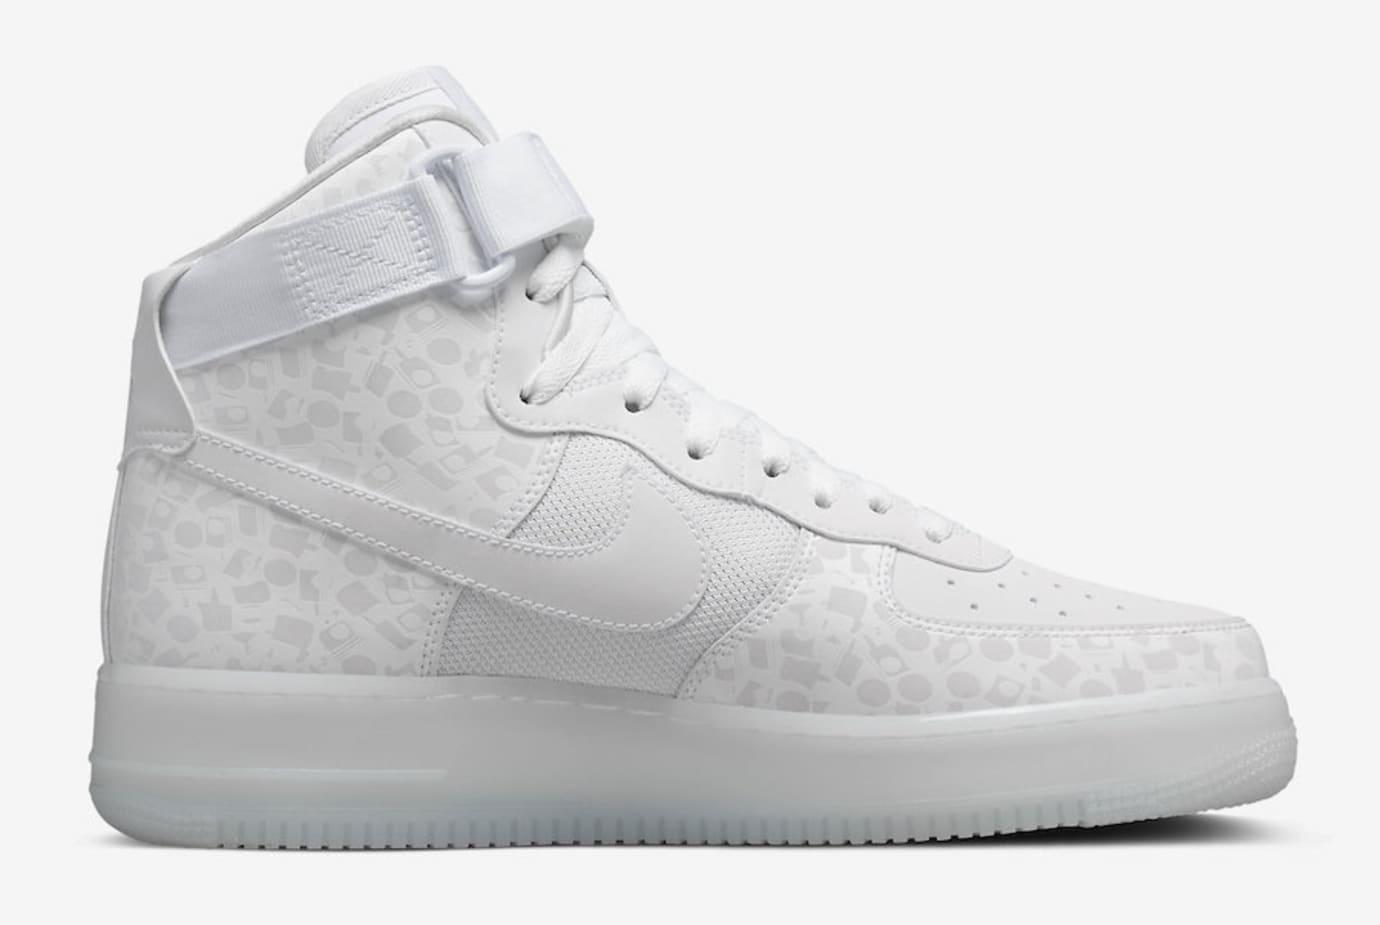 Stash x Nike Air Force 1 High   WE LOVE SNEAKERS   I want